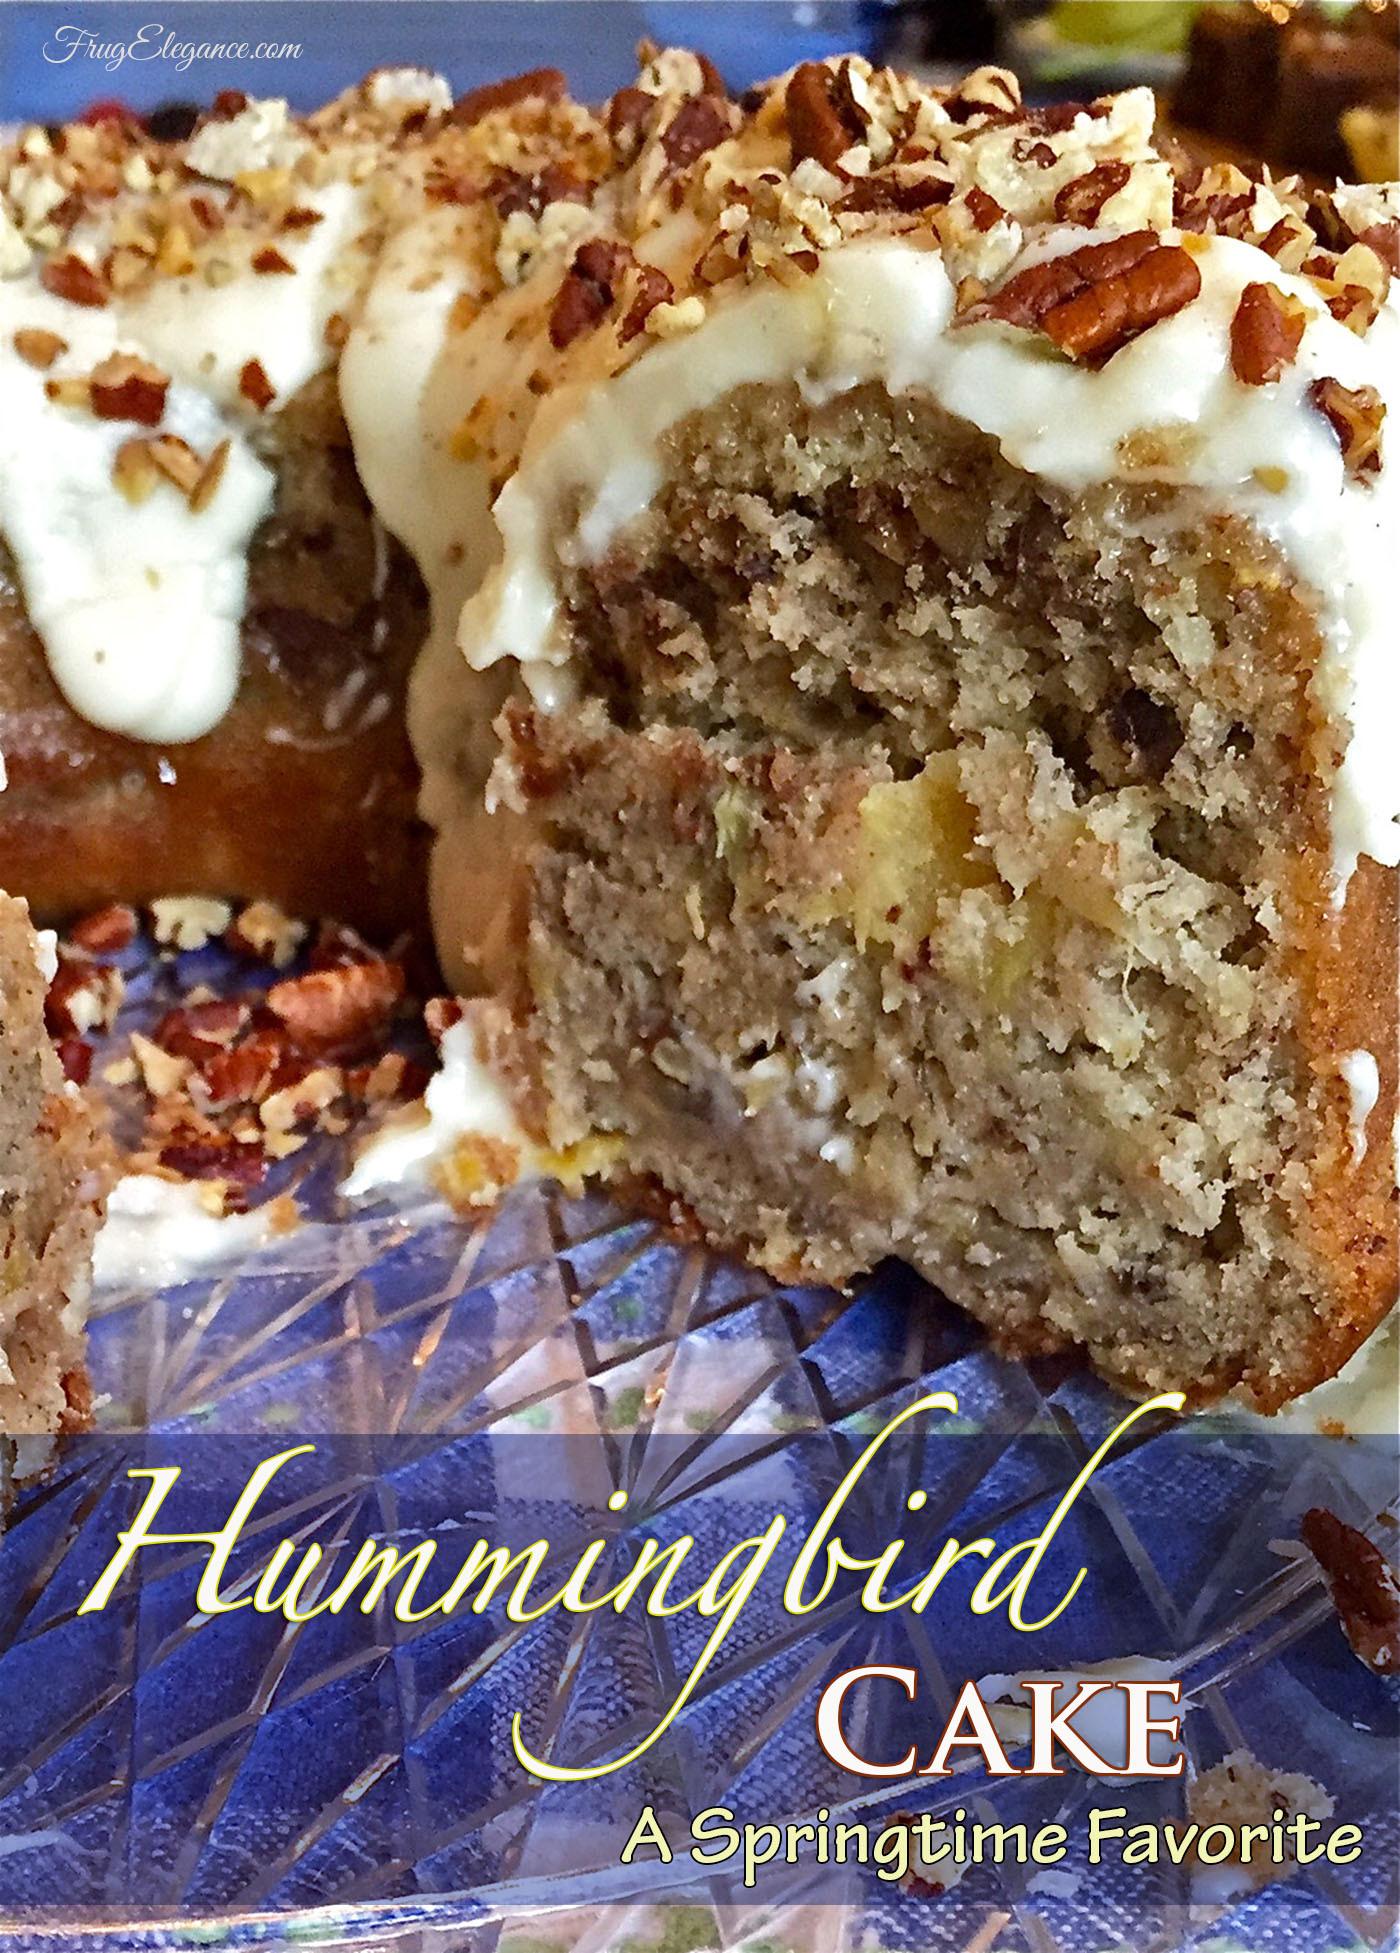 Hummingbird Cake Recipe  Hummingbird Cake Recipe A Springtime Favorite